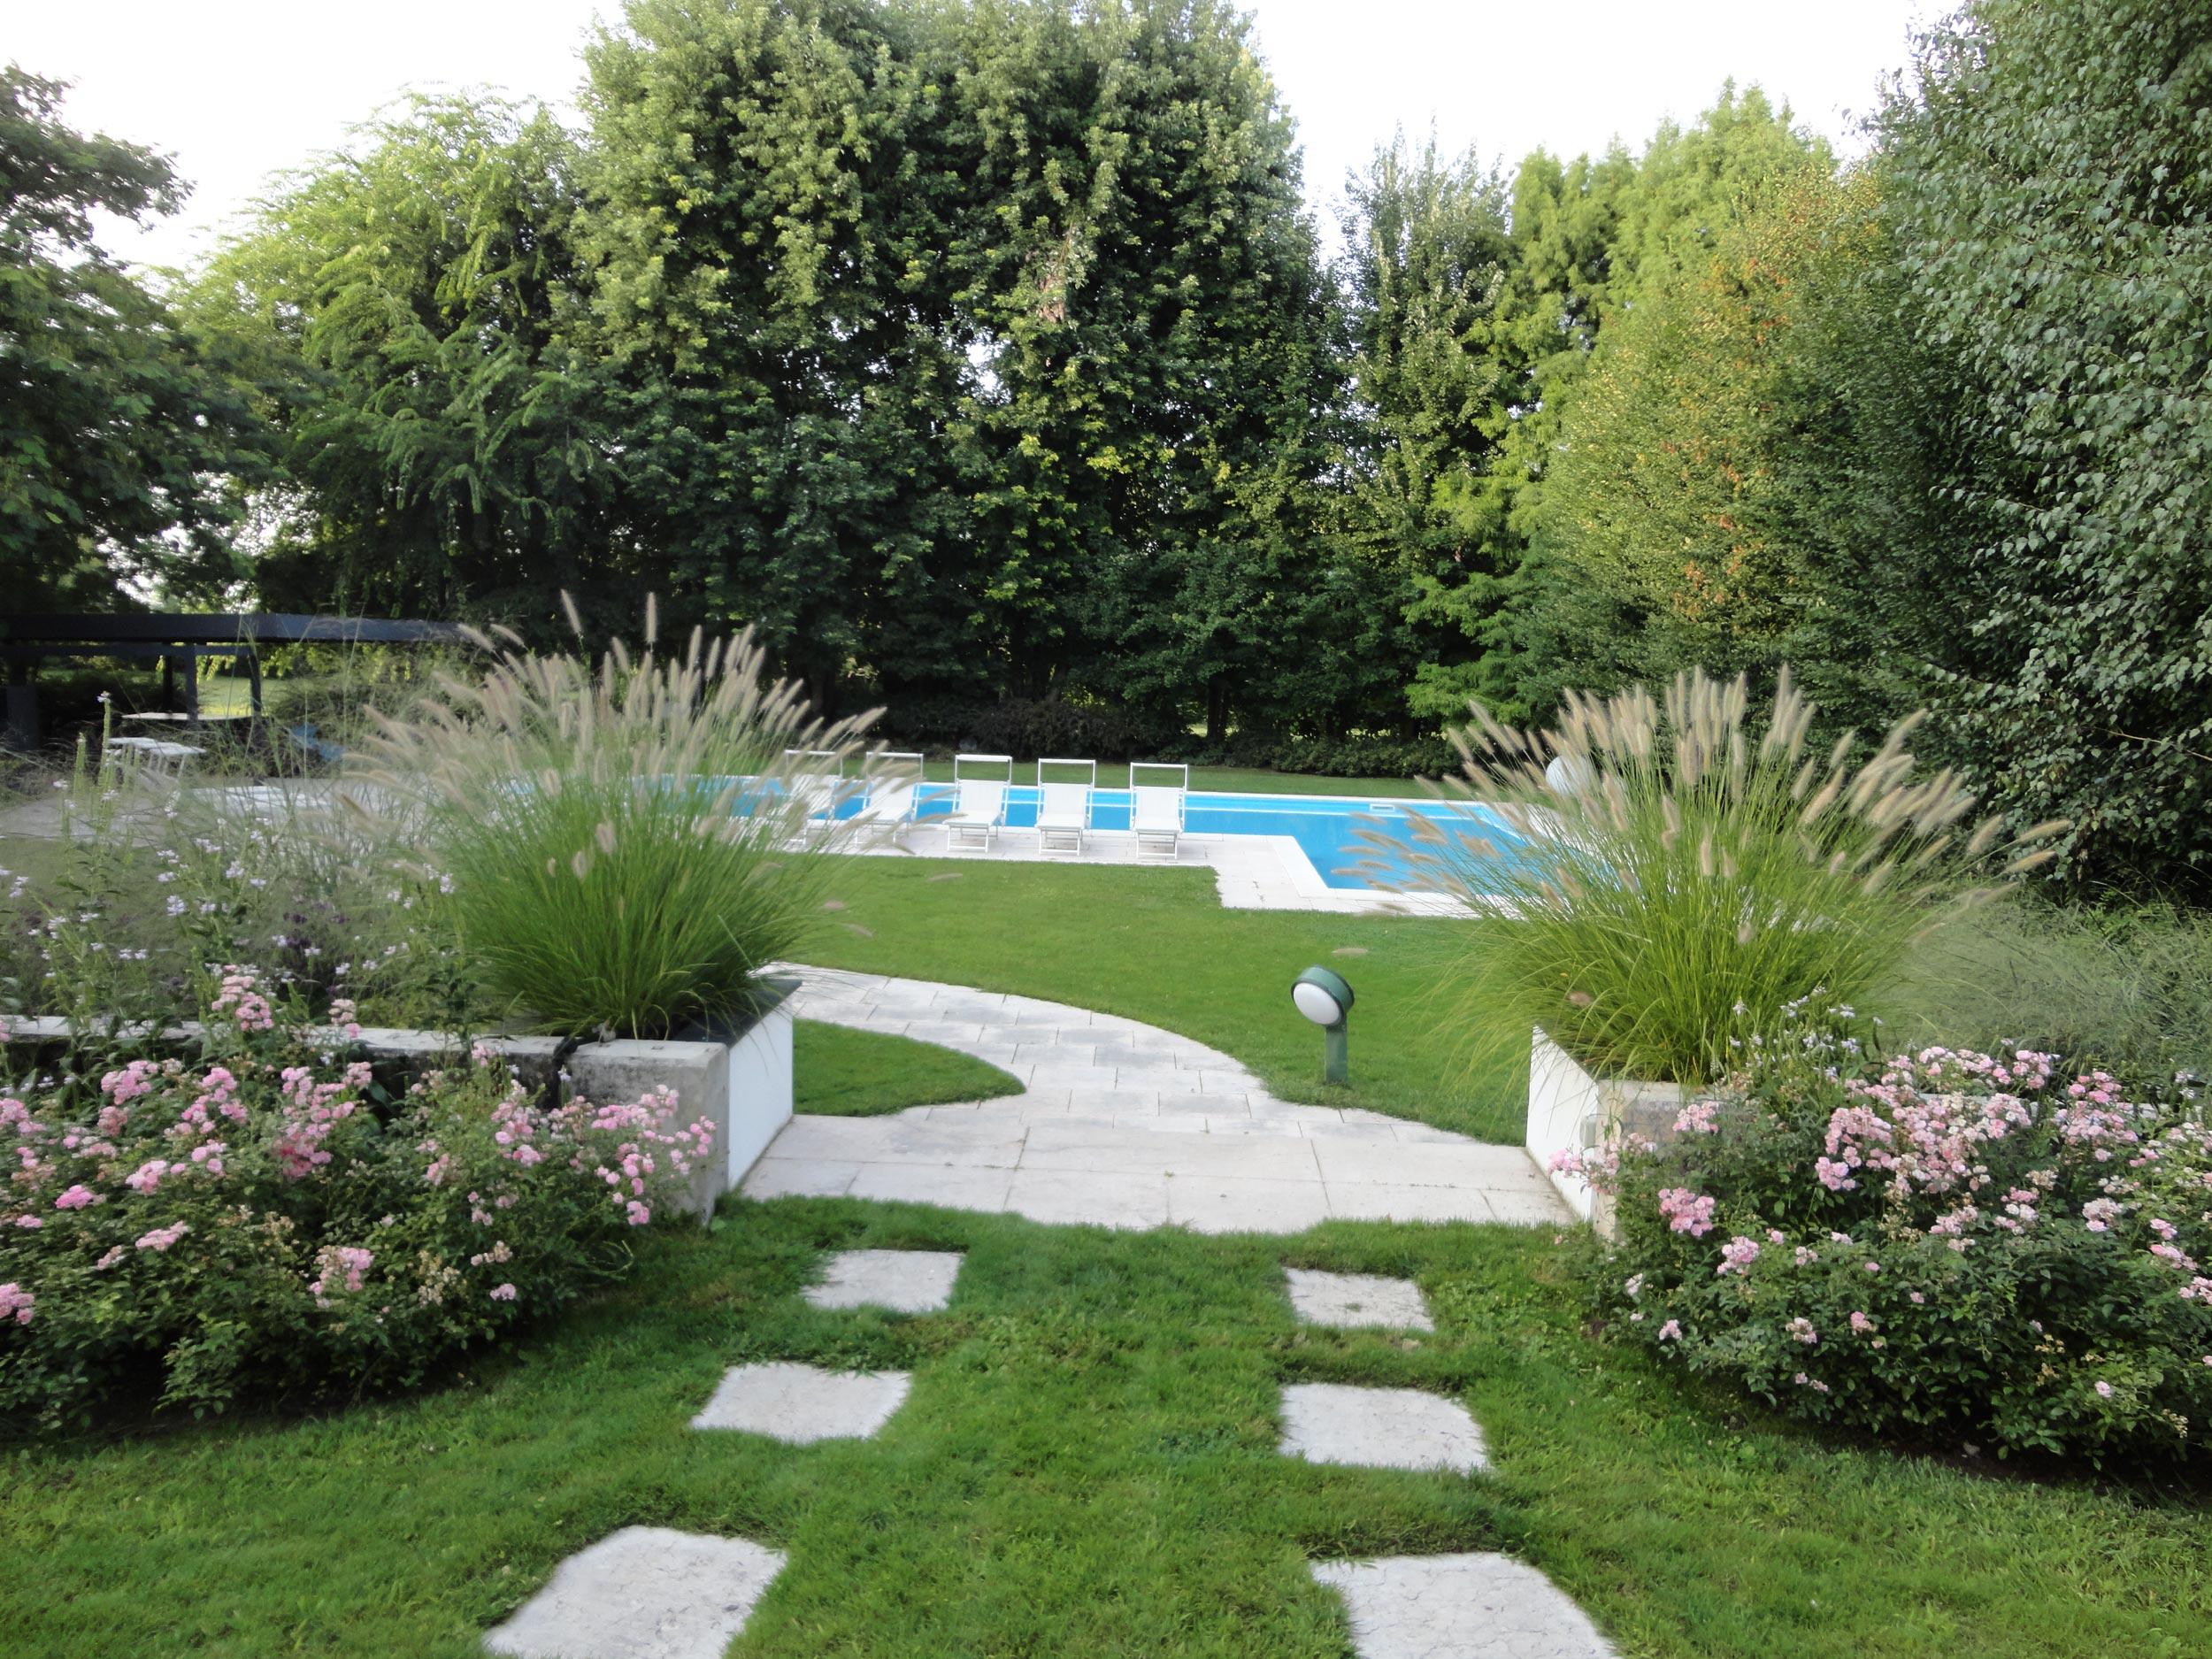 Giardino di casa privata verolavecchia bs anno 2013 for Corso progettazione giardini